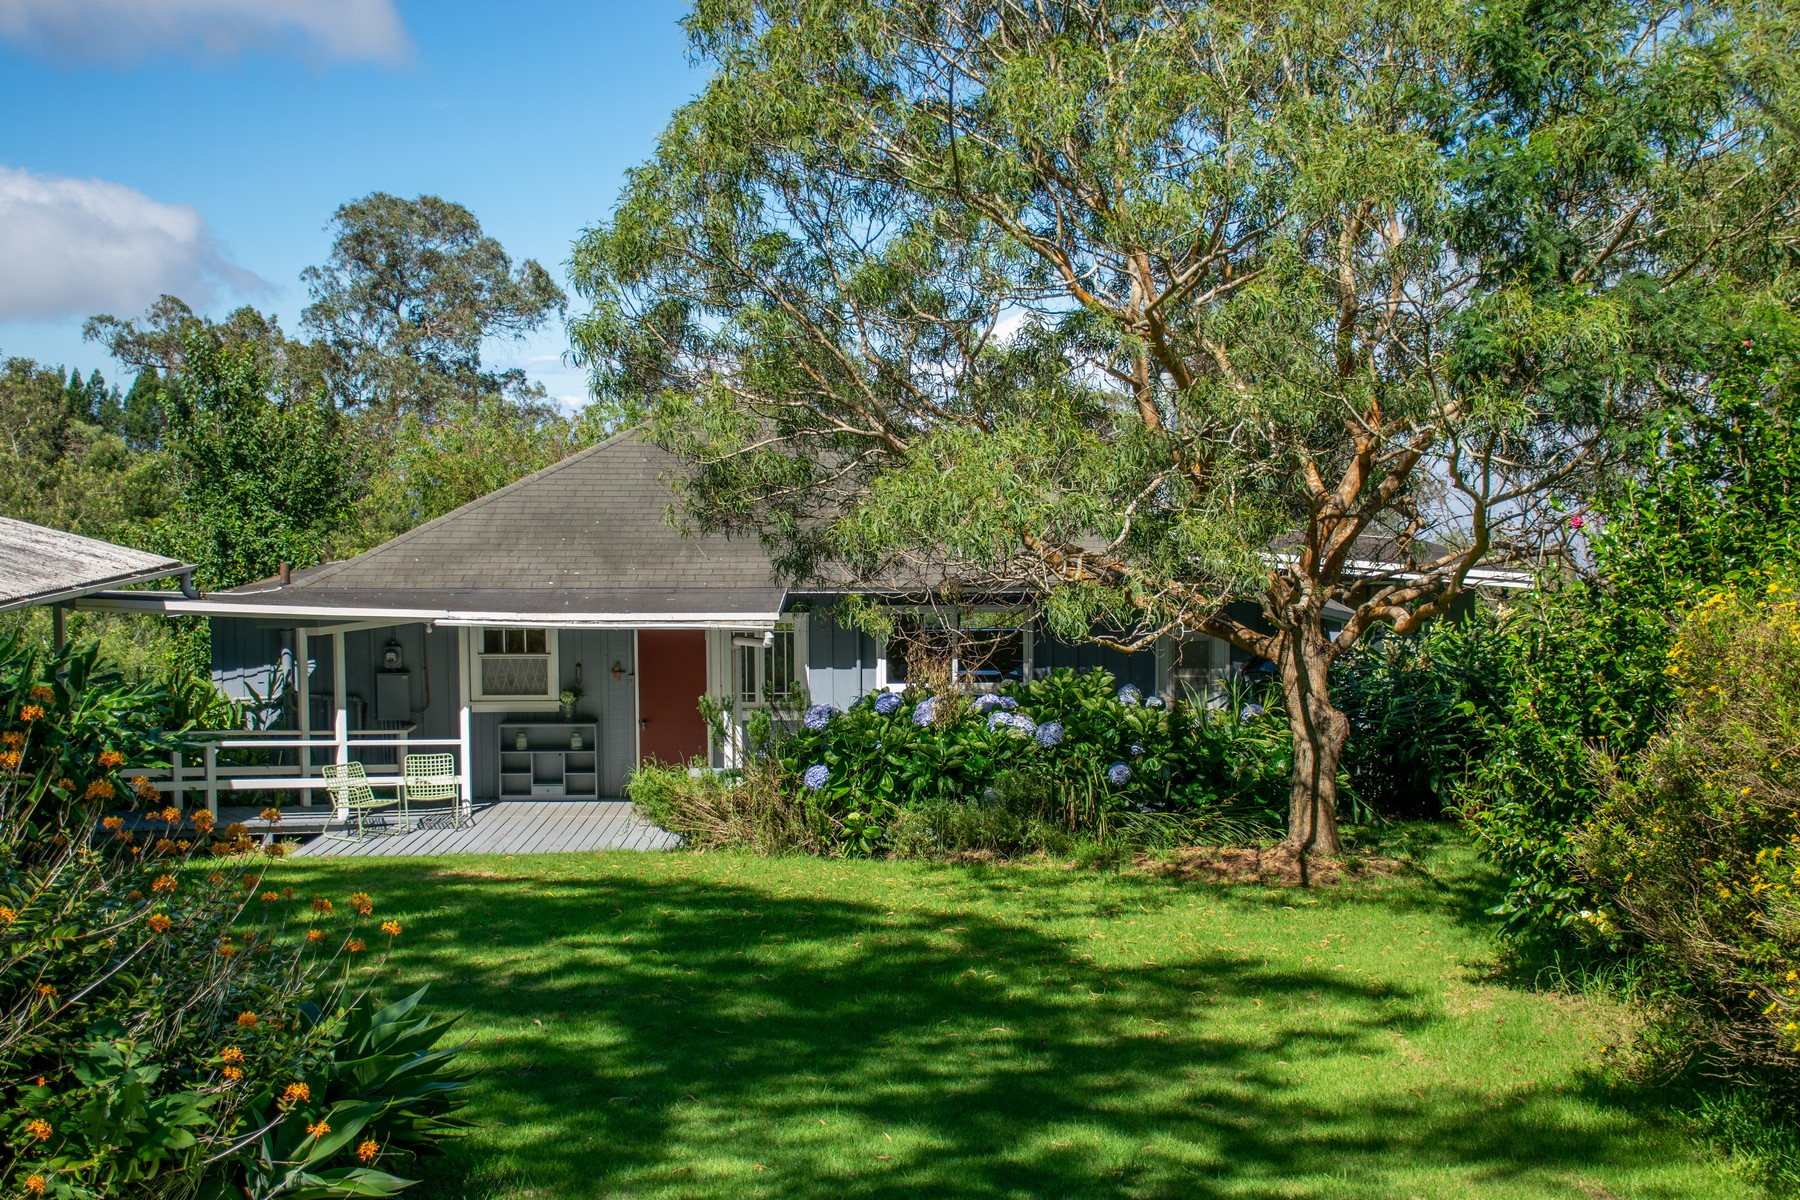 農場/牧場 / プランテーション のために 売買 アット Charming Vintage Cottage on 8 plus acres in Kula 0 Cooke Road Kula, ハワイ 96790 アメリカ合衆国